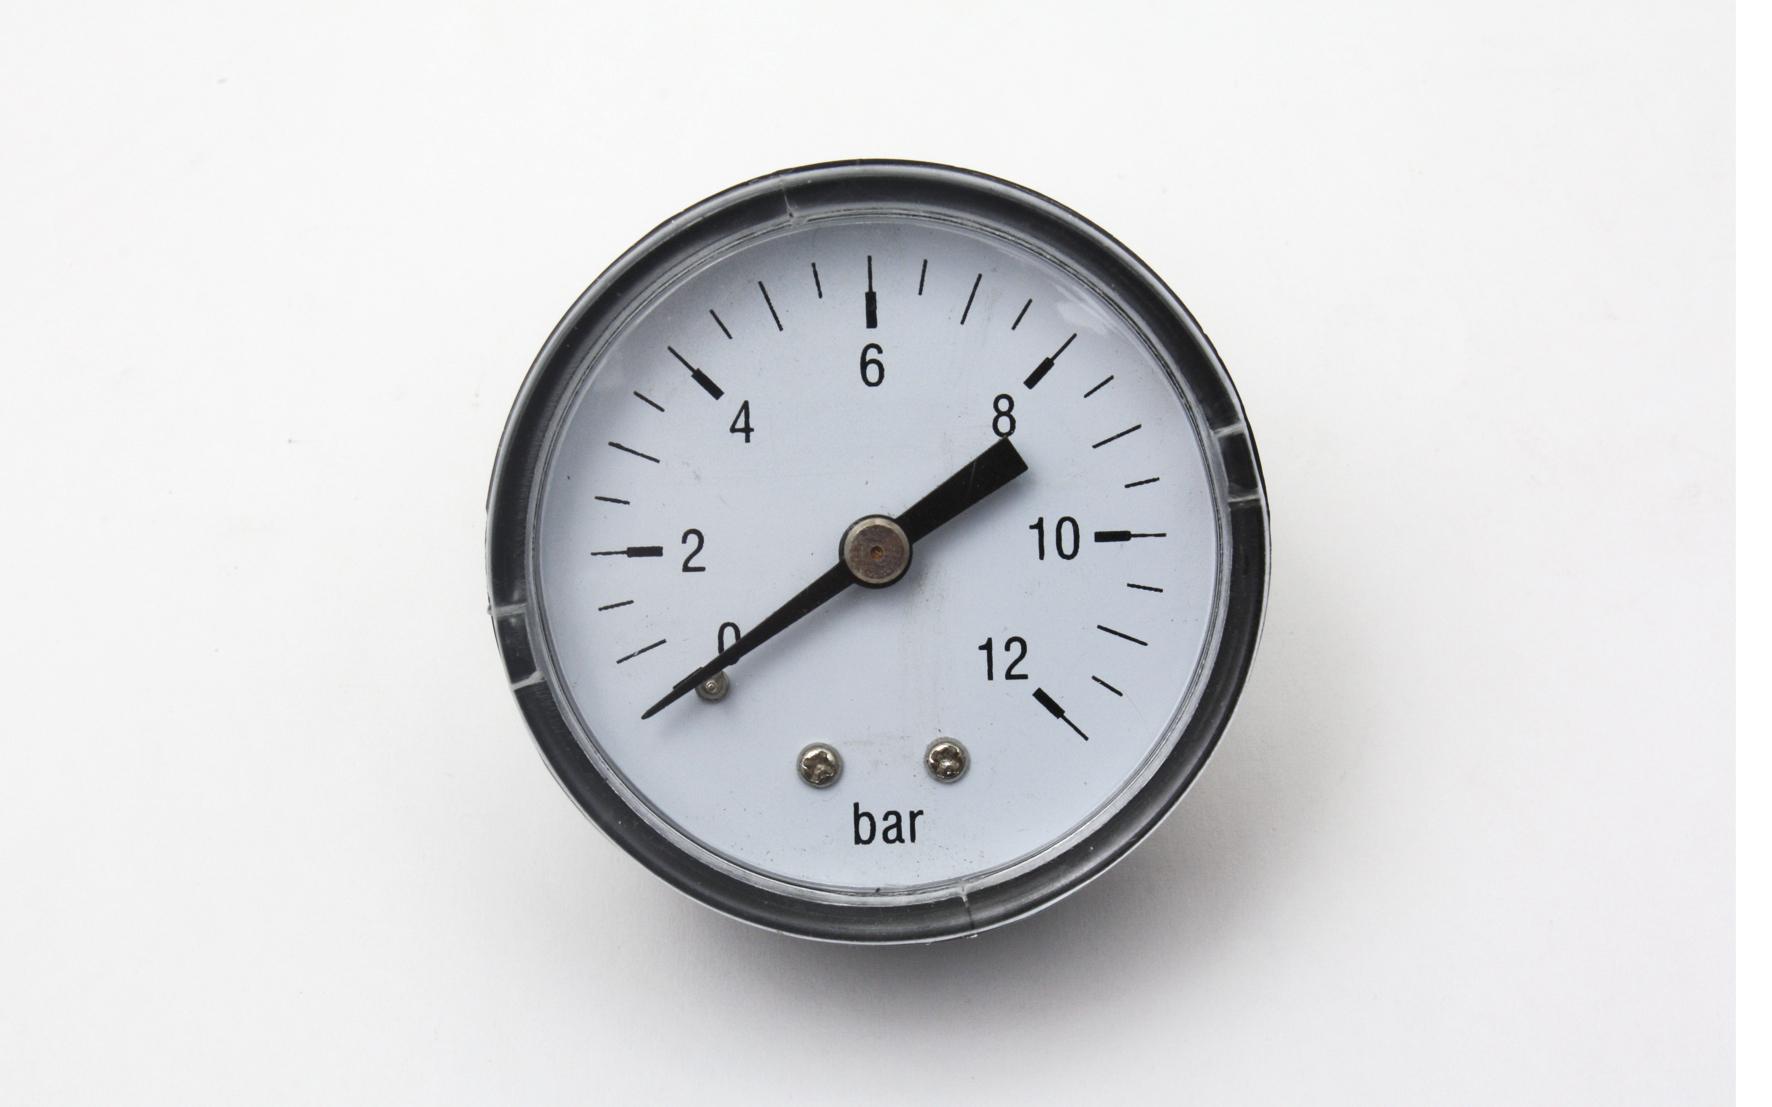 Bilde av 0-10 Bar, ø40 Mm Manometer